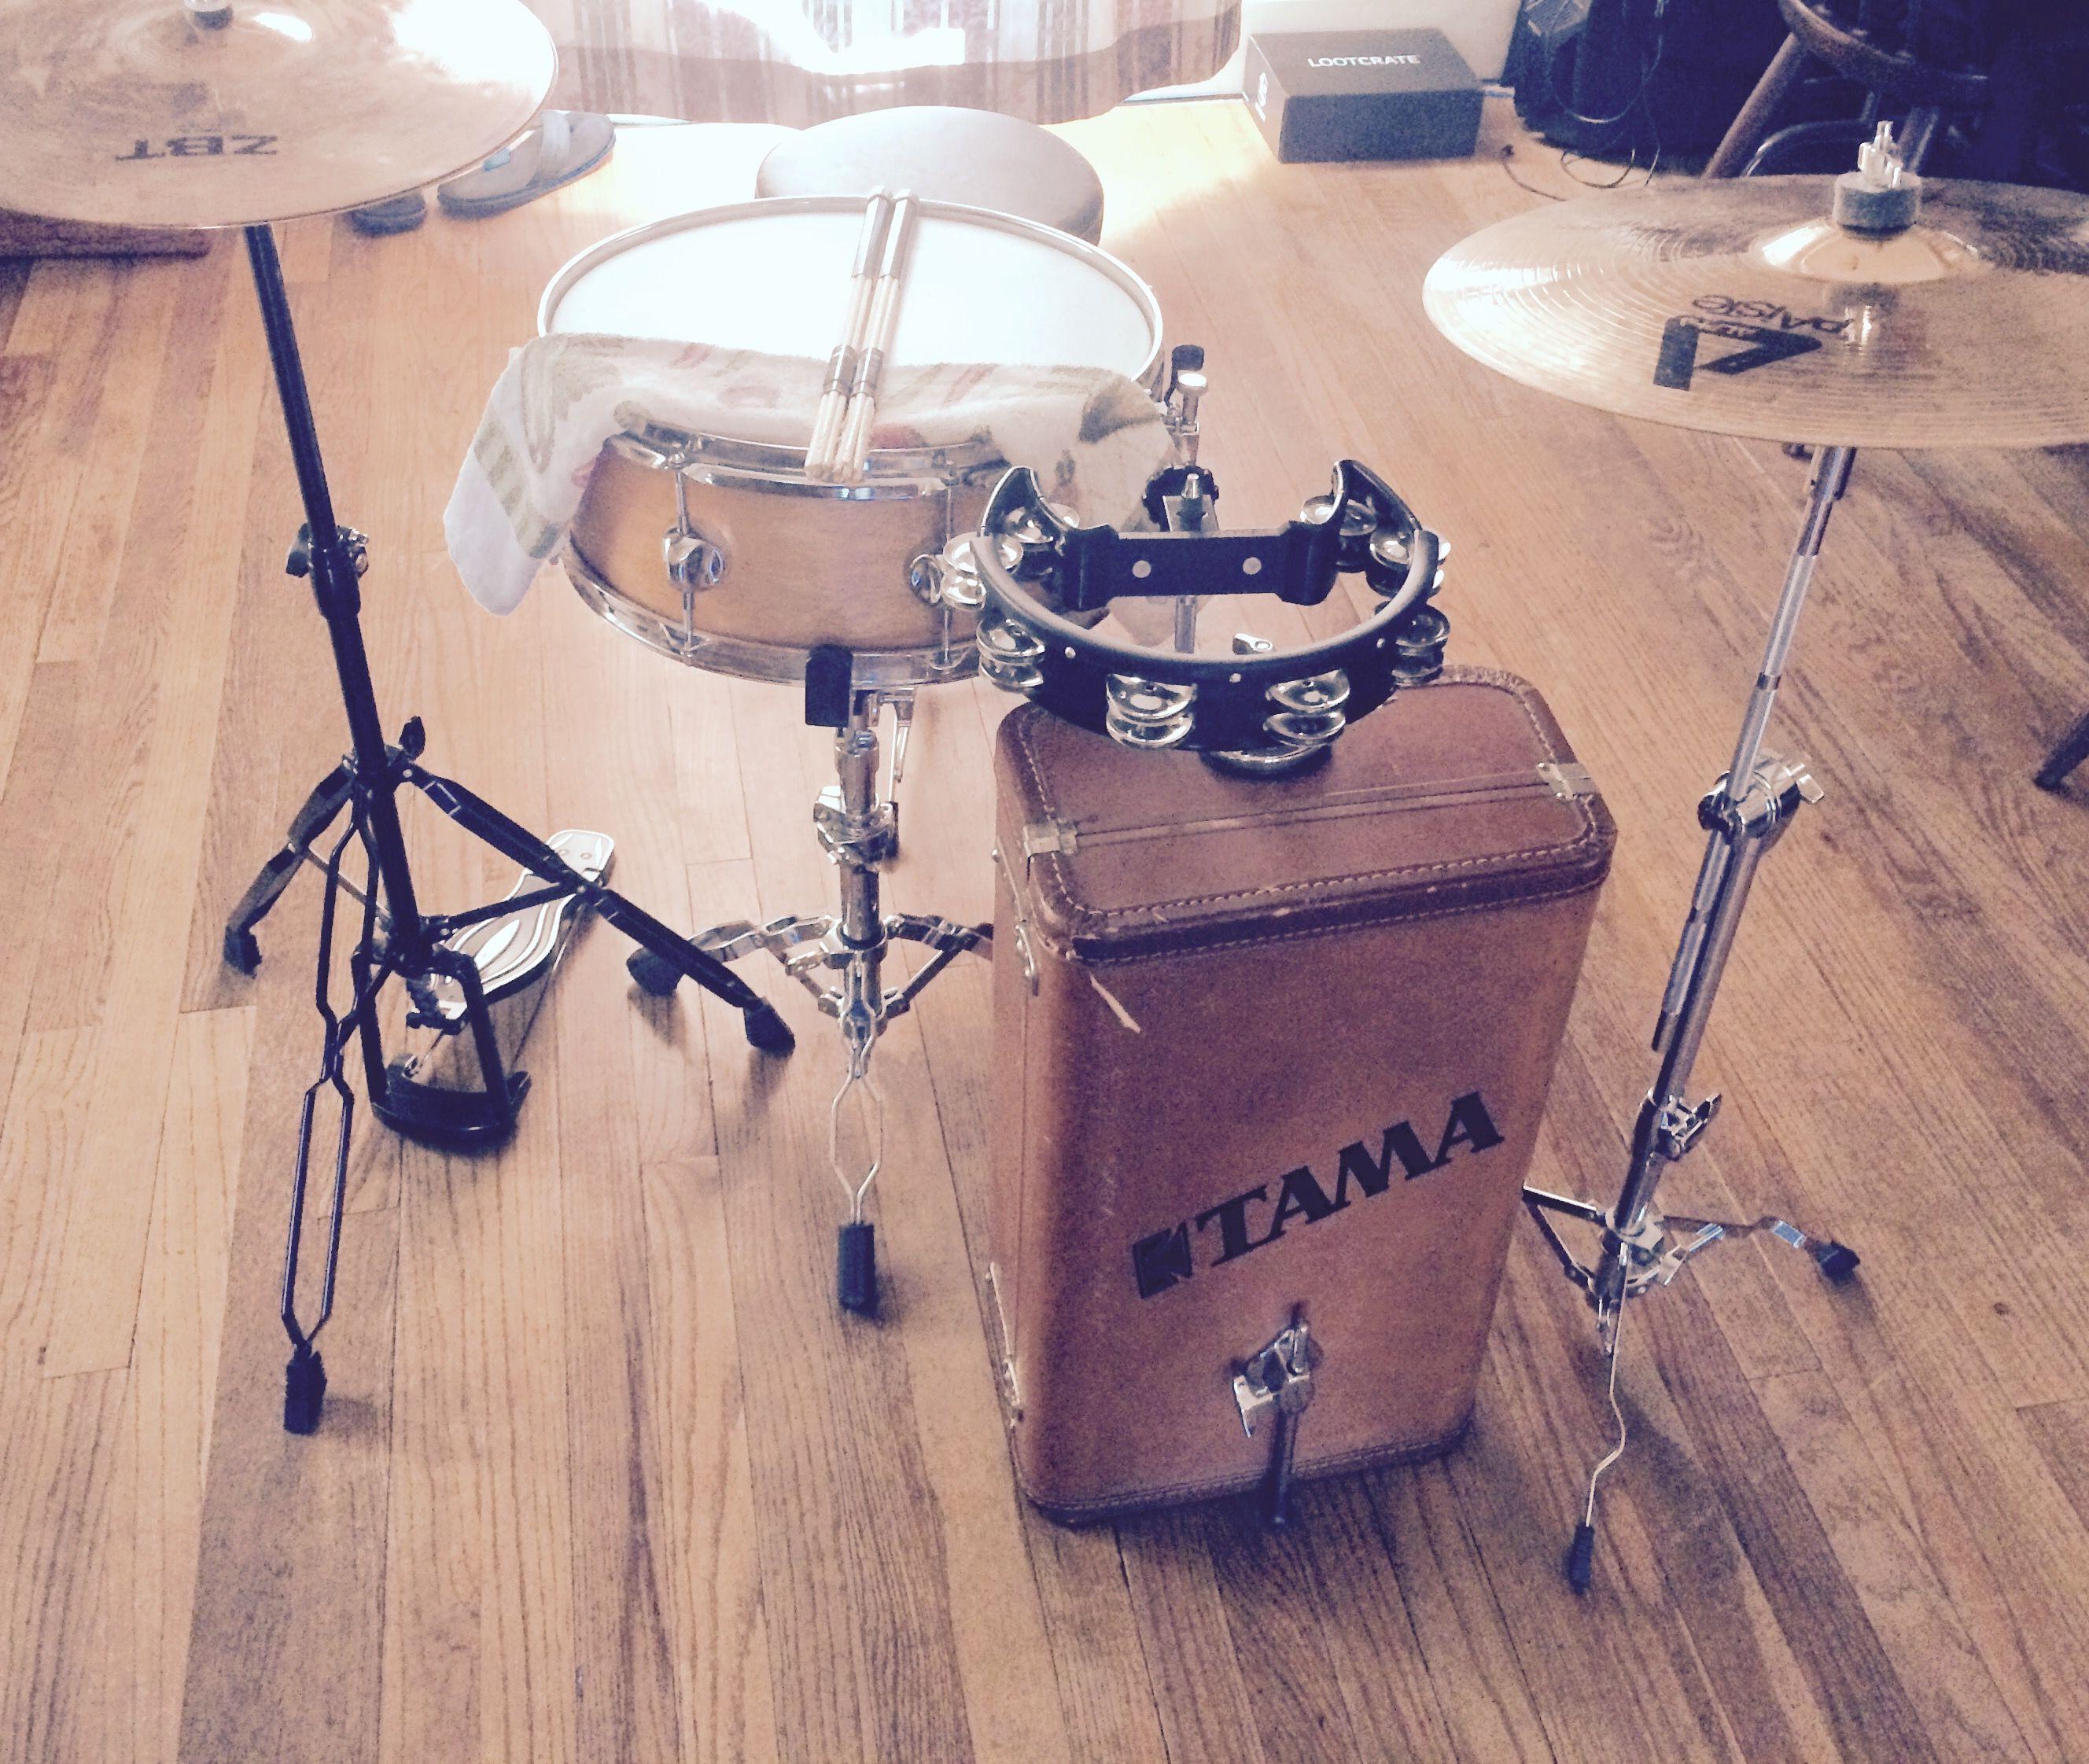 suitcase drumset, diy drum set, upcycle, Drum set